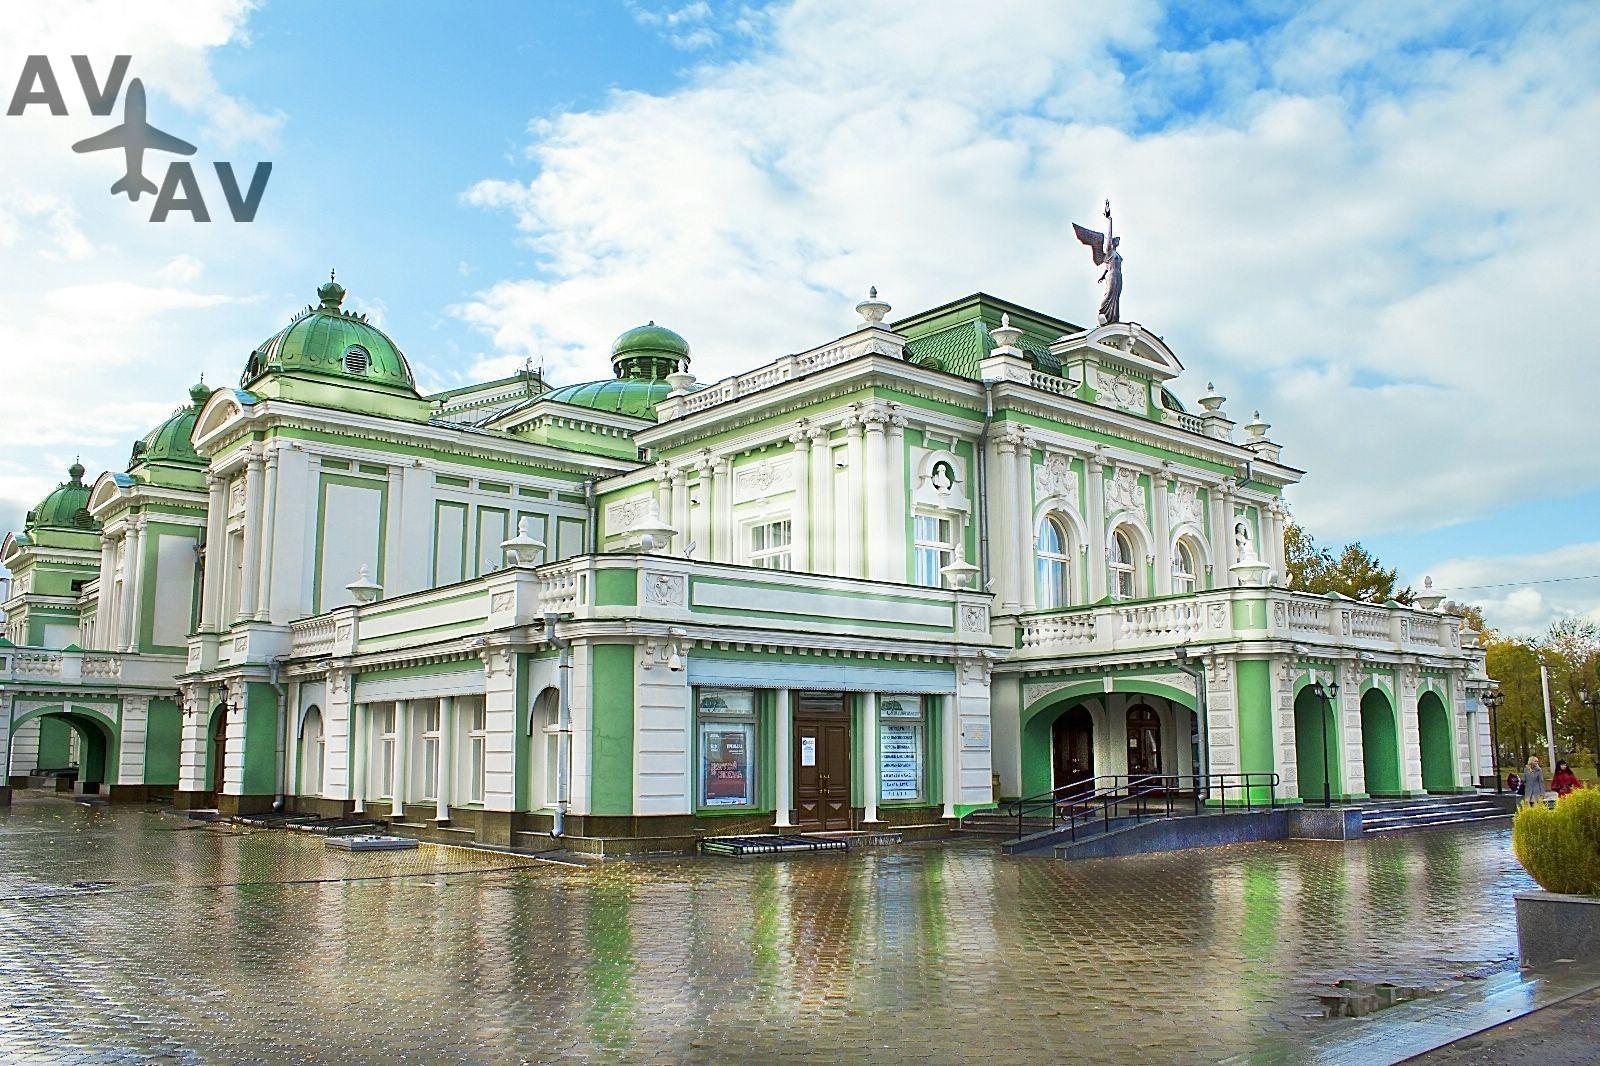 Interesnyie mesta v Omske - Интересные места в Омске